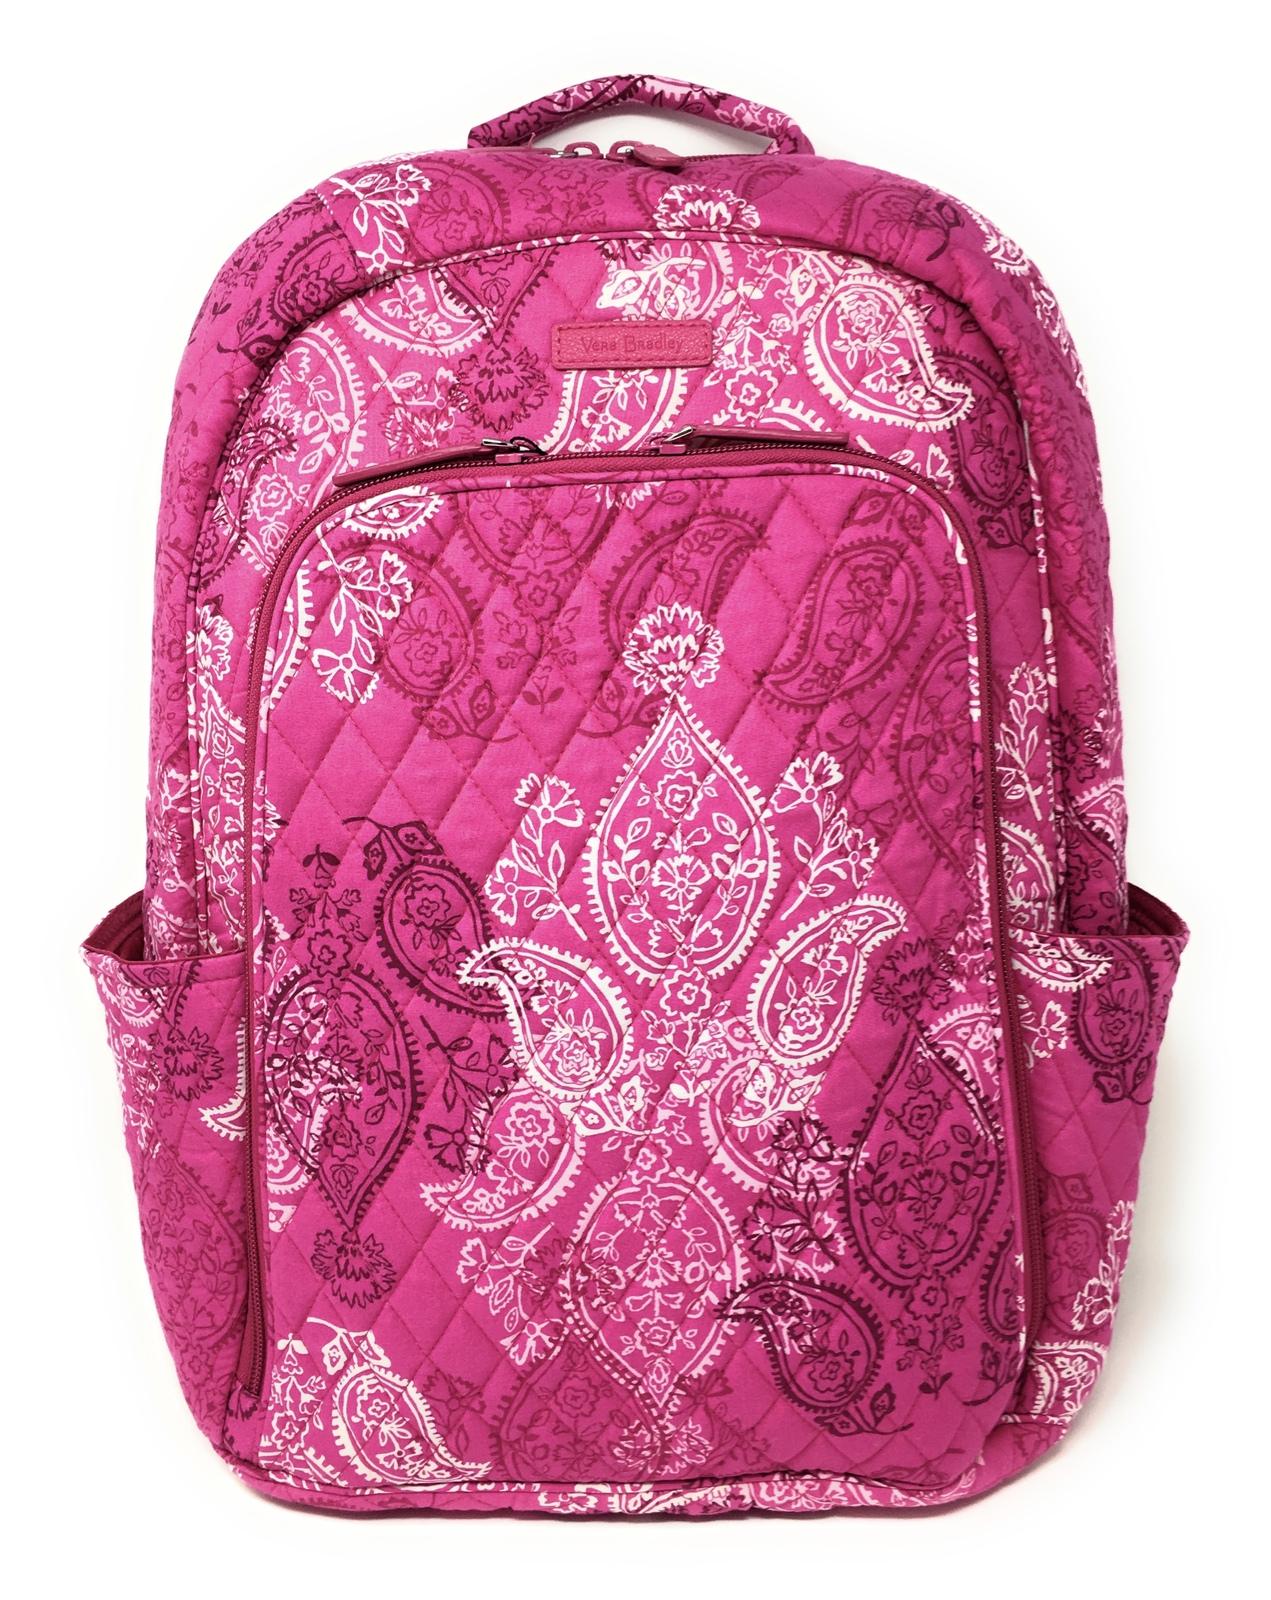 Vera Bradley Laptop Backpack - Stamped Paisley - NWT - $108 MSRP!